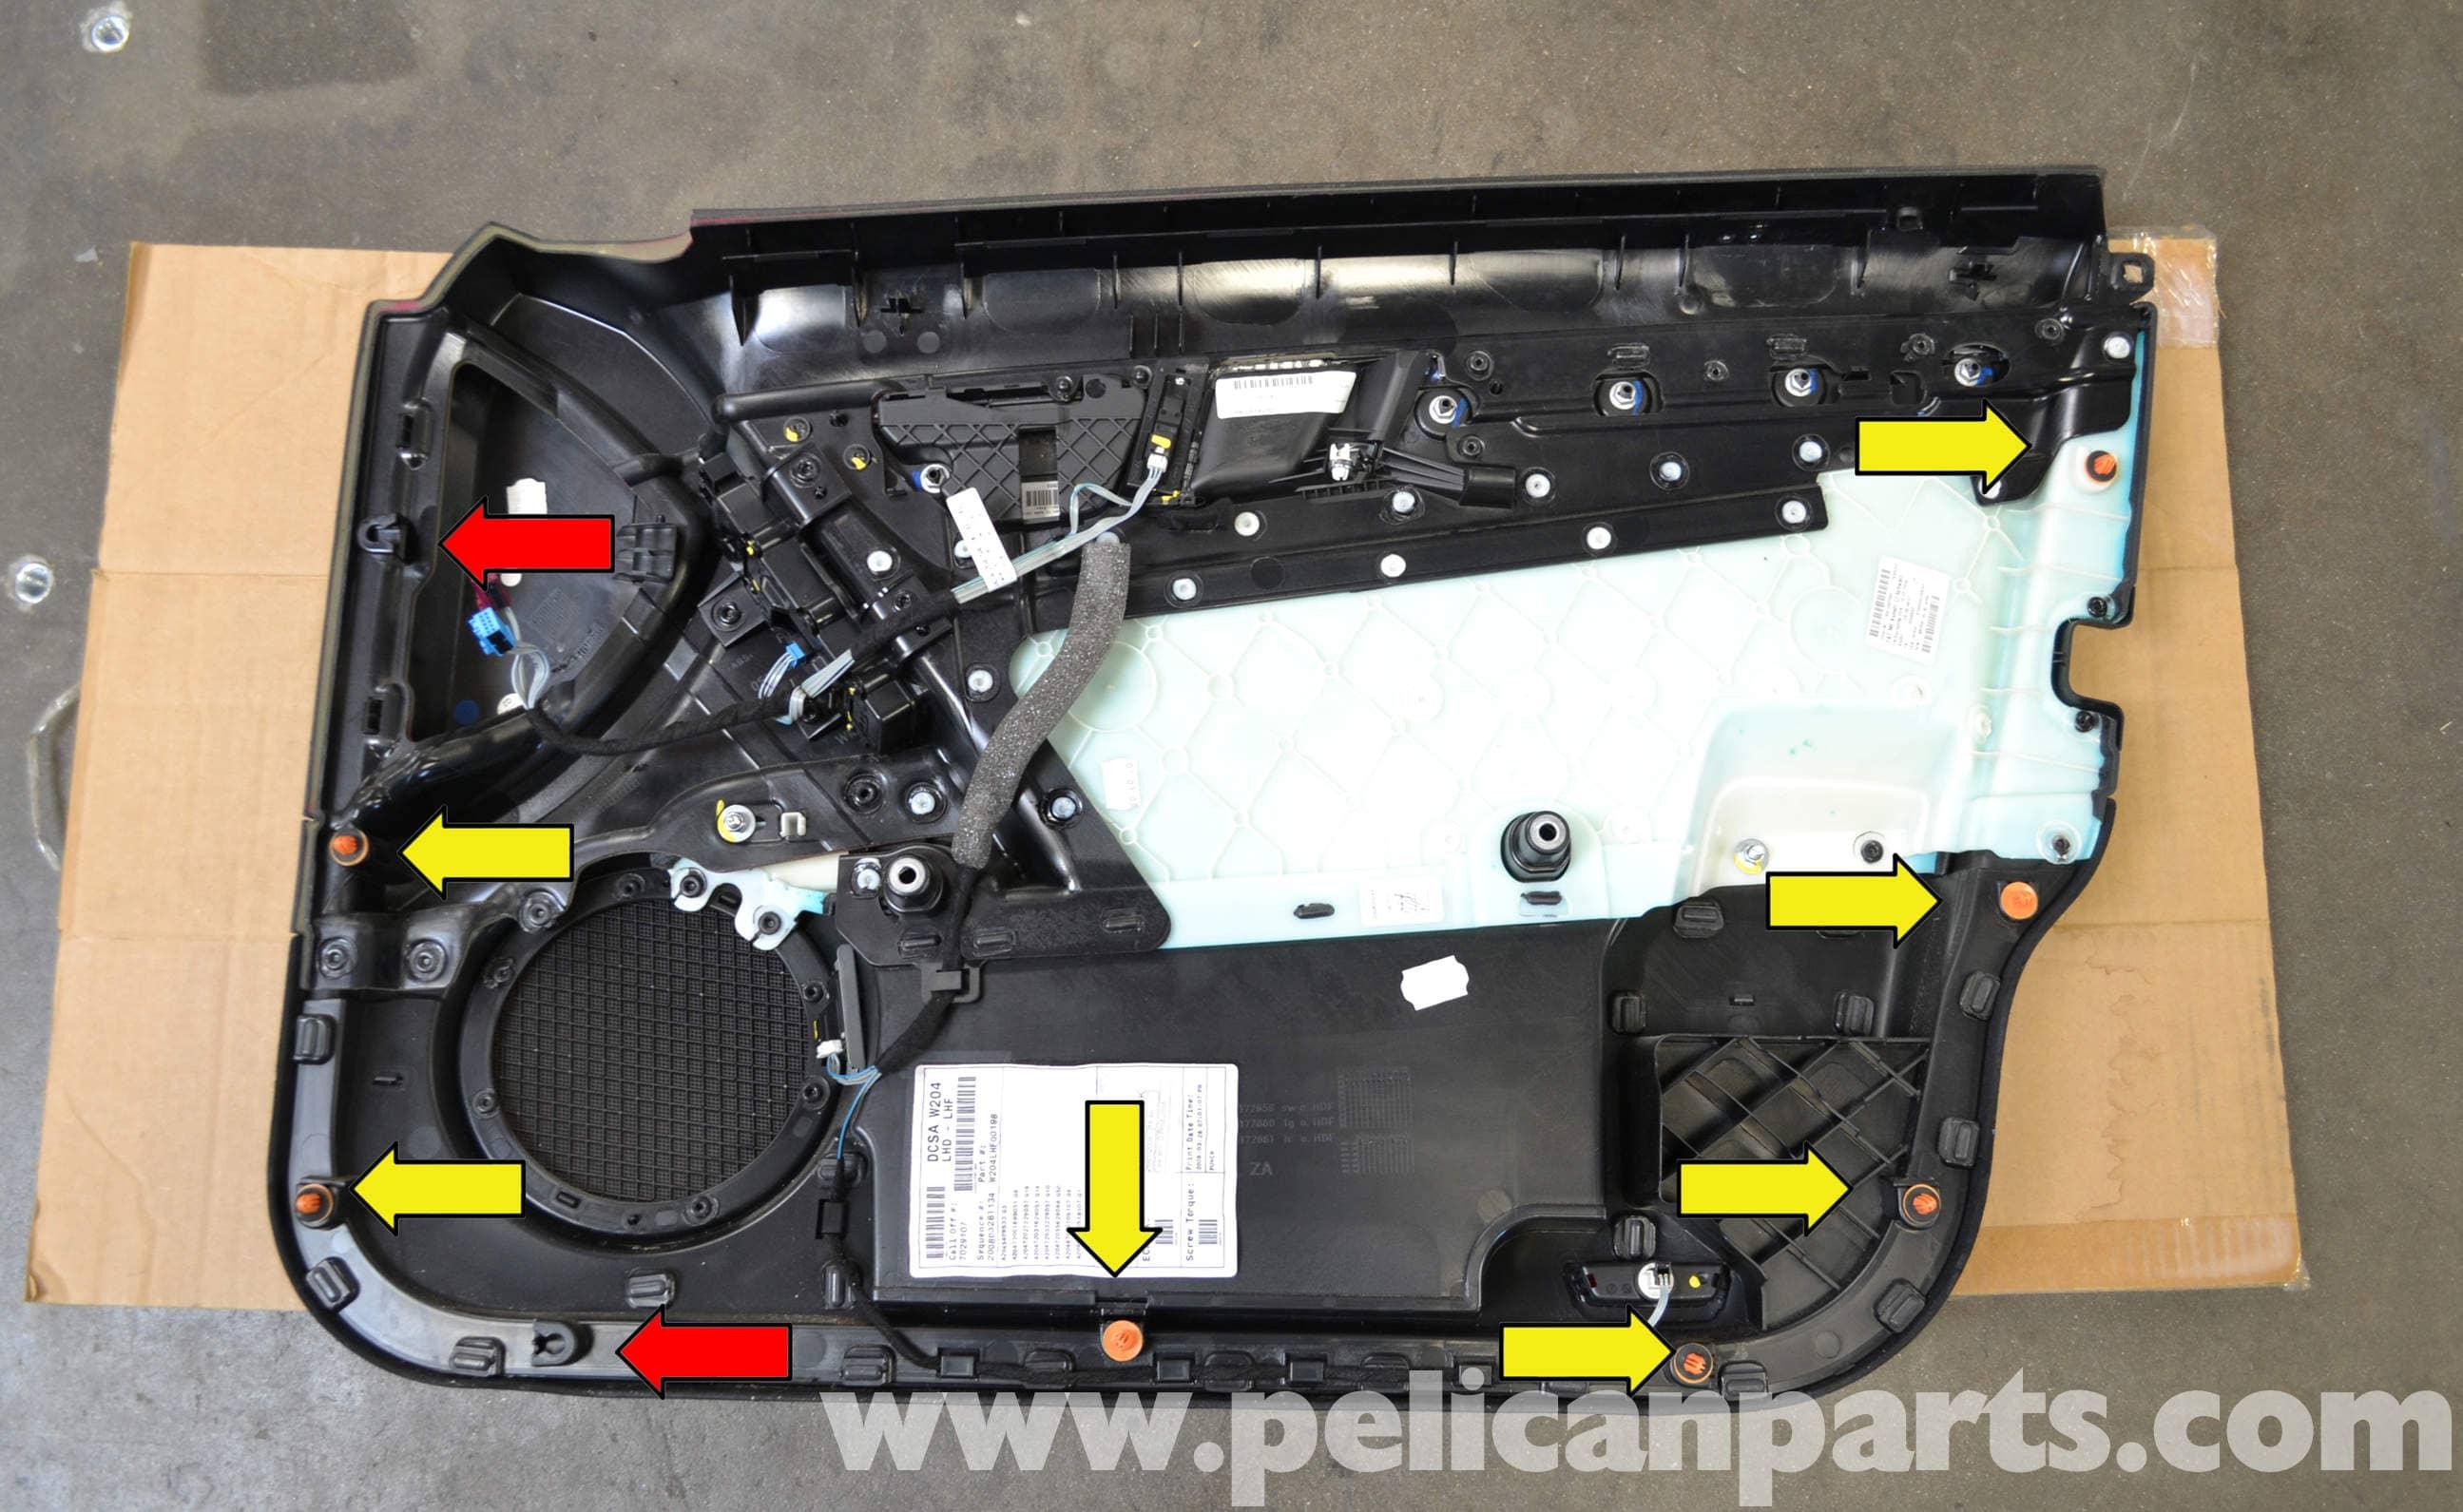 Mercedes-Benz W204 Front Door Panel Removal - (2008-2014) C250, C300